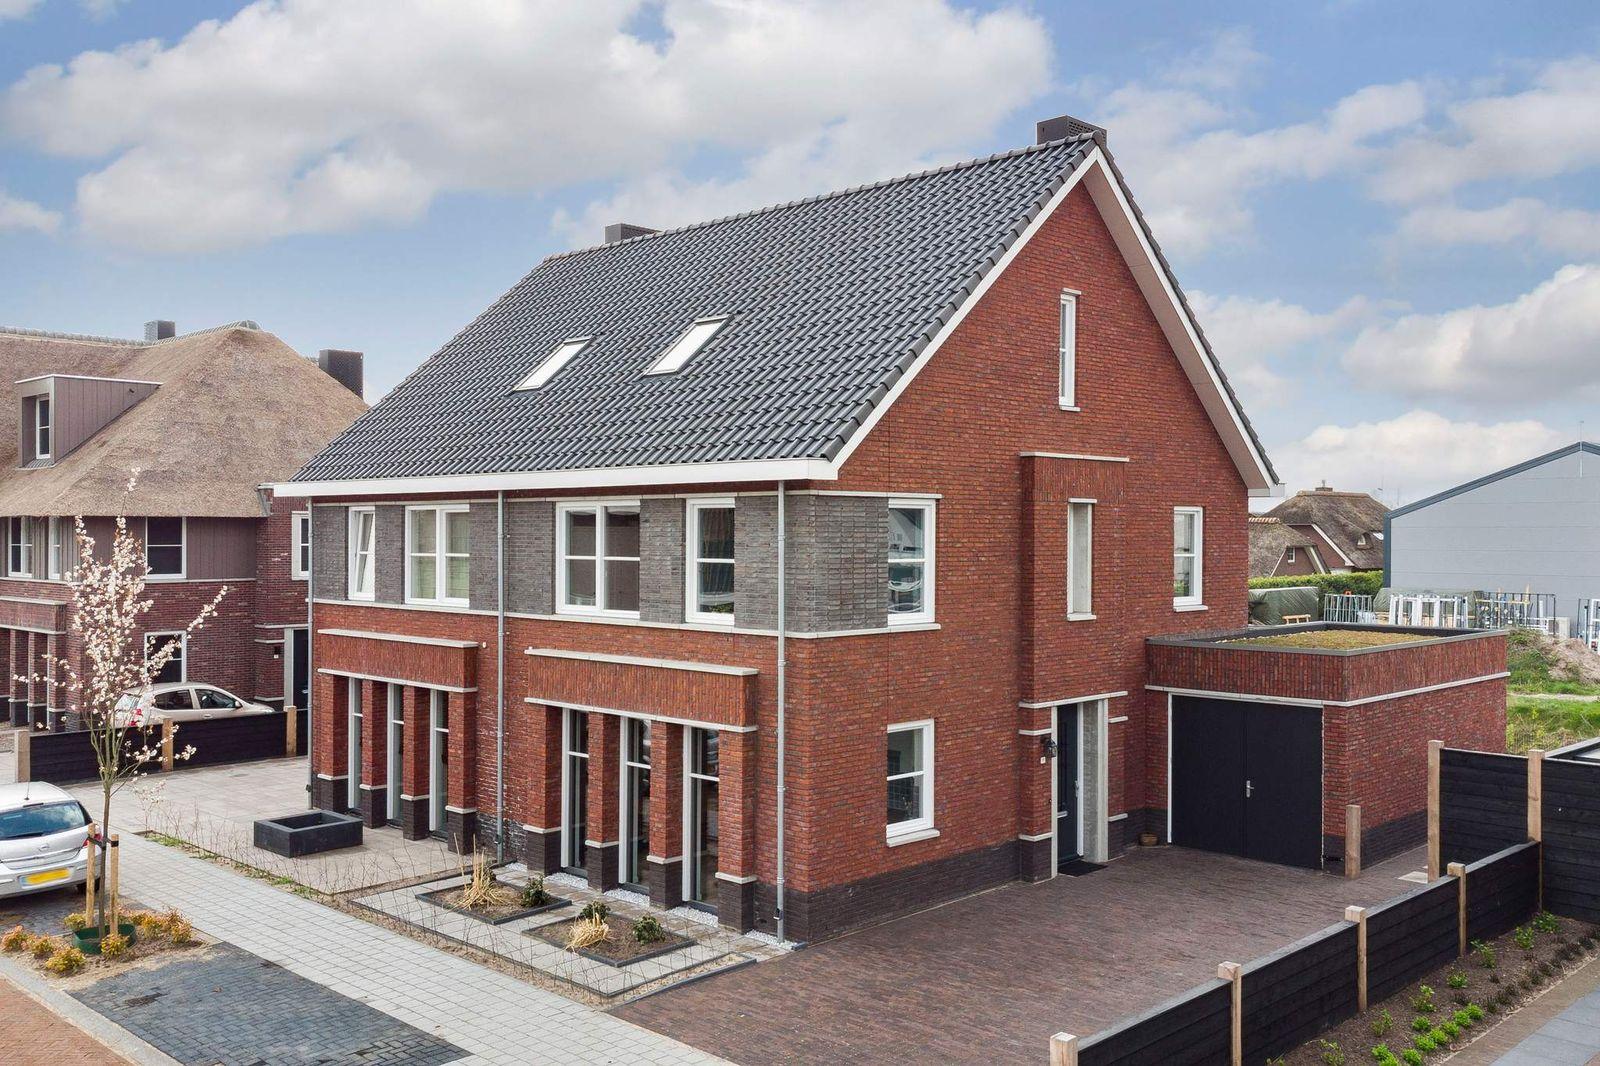 Beemdgras 39, Nijkerkerveen